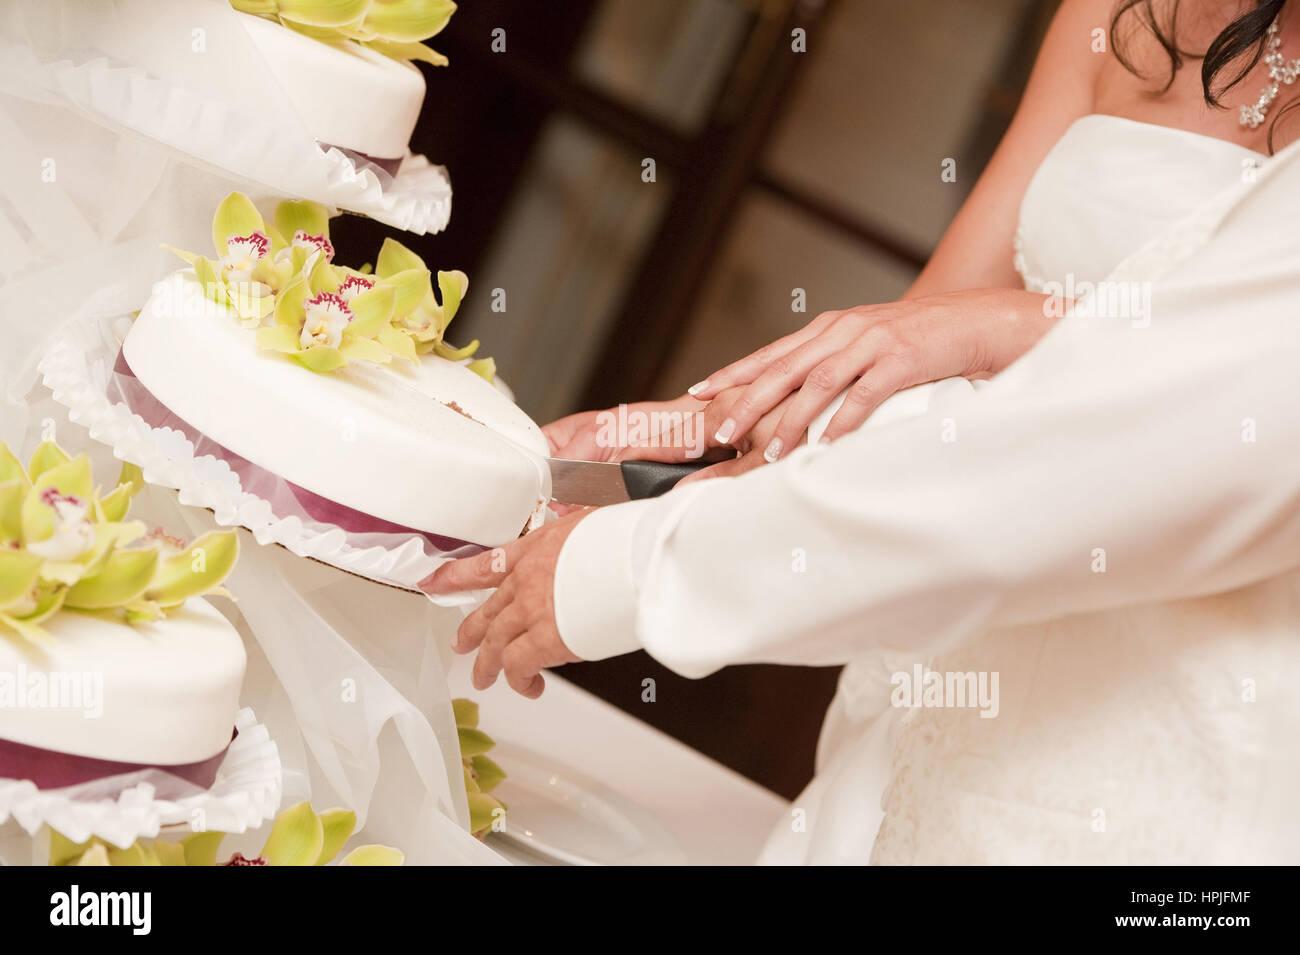 Brautpaar Schneidet Hochzeitstorte Hochzeitstorte Brautpaar